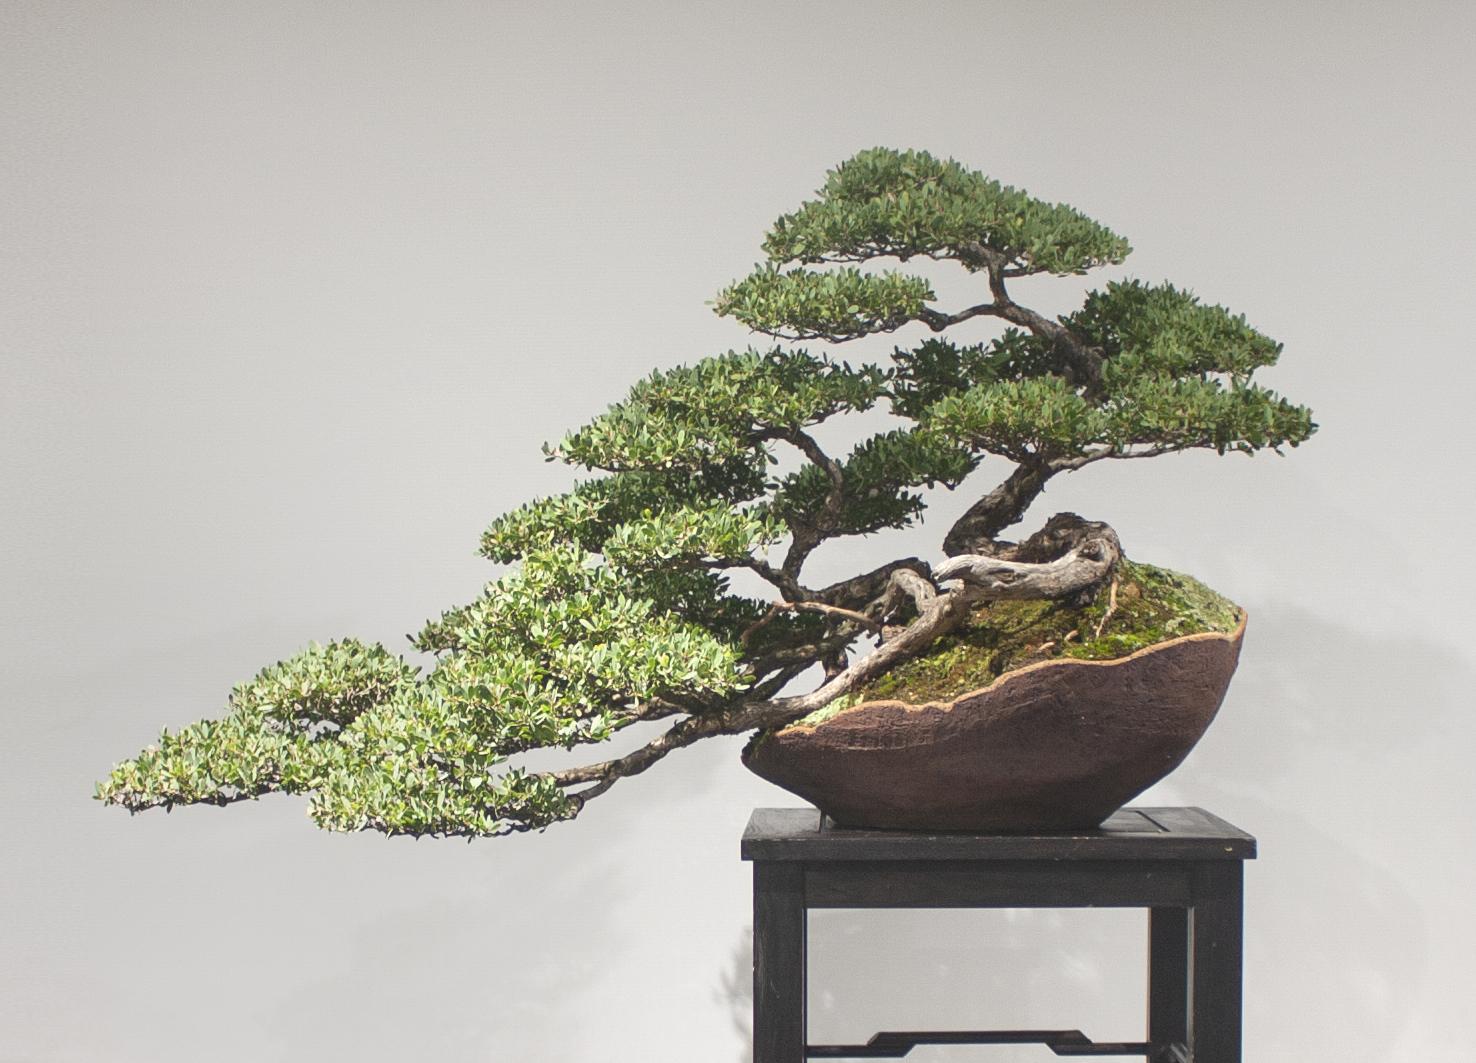 53 Leptospermum laevigatum, Coastal tea tree